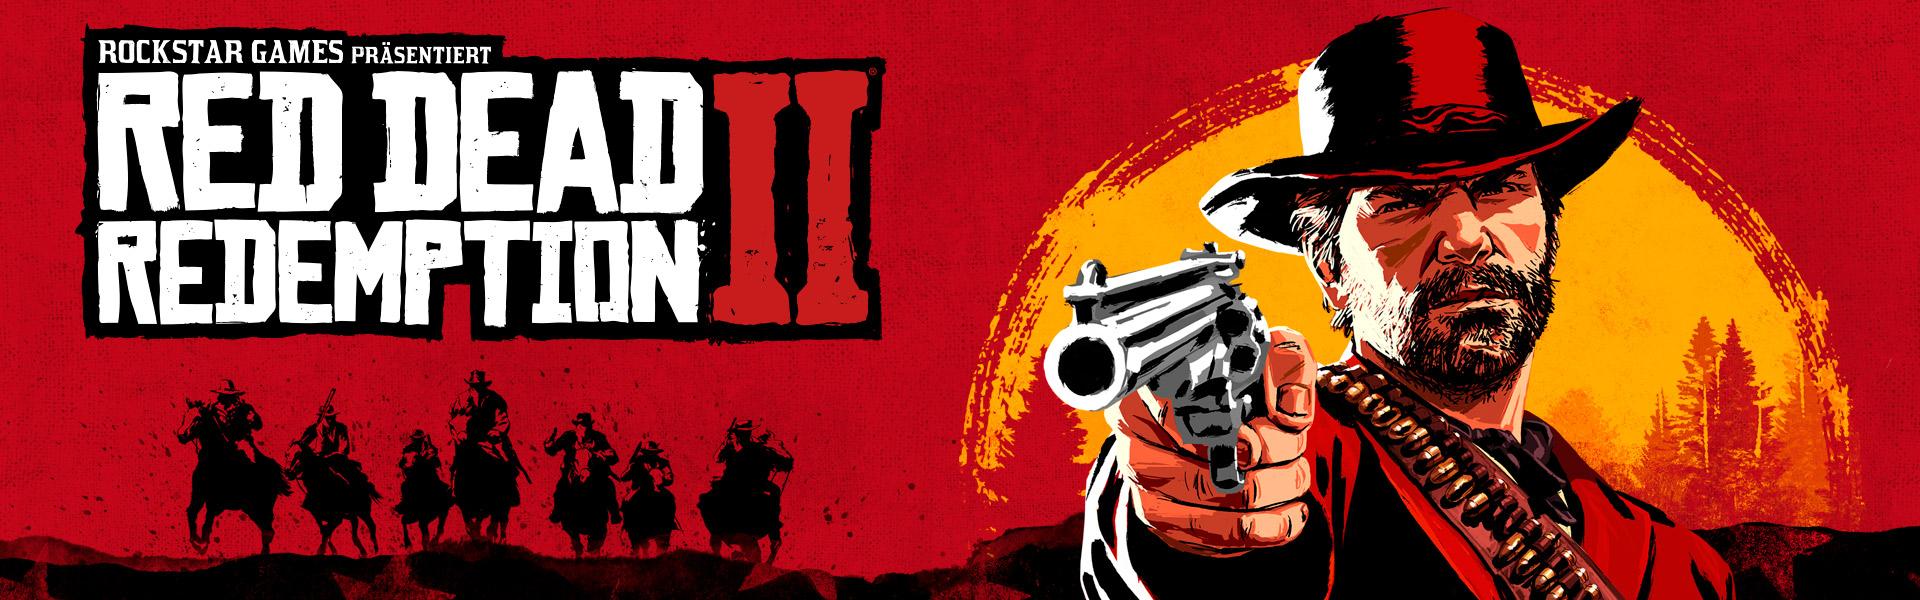 Rockstar Games präsentiert Red Dead Redemption 2, Künstlerische Darstellung von Arthur Morgan mit Revolver in der Hand vor Sonnenuntergang